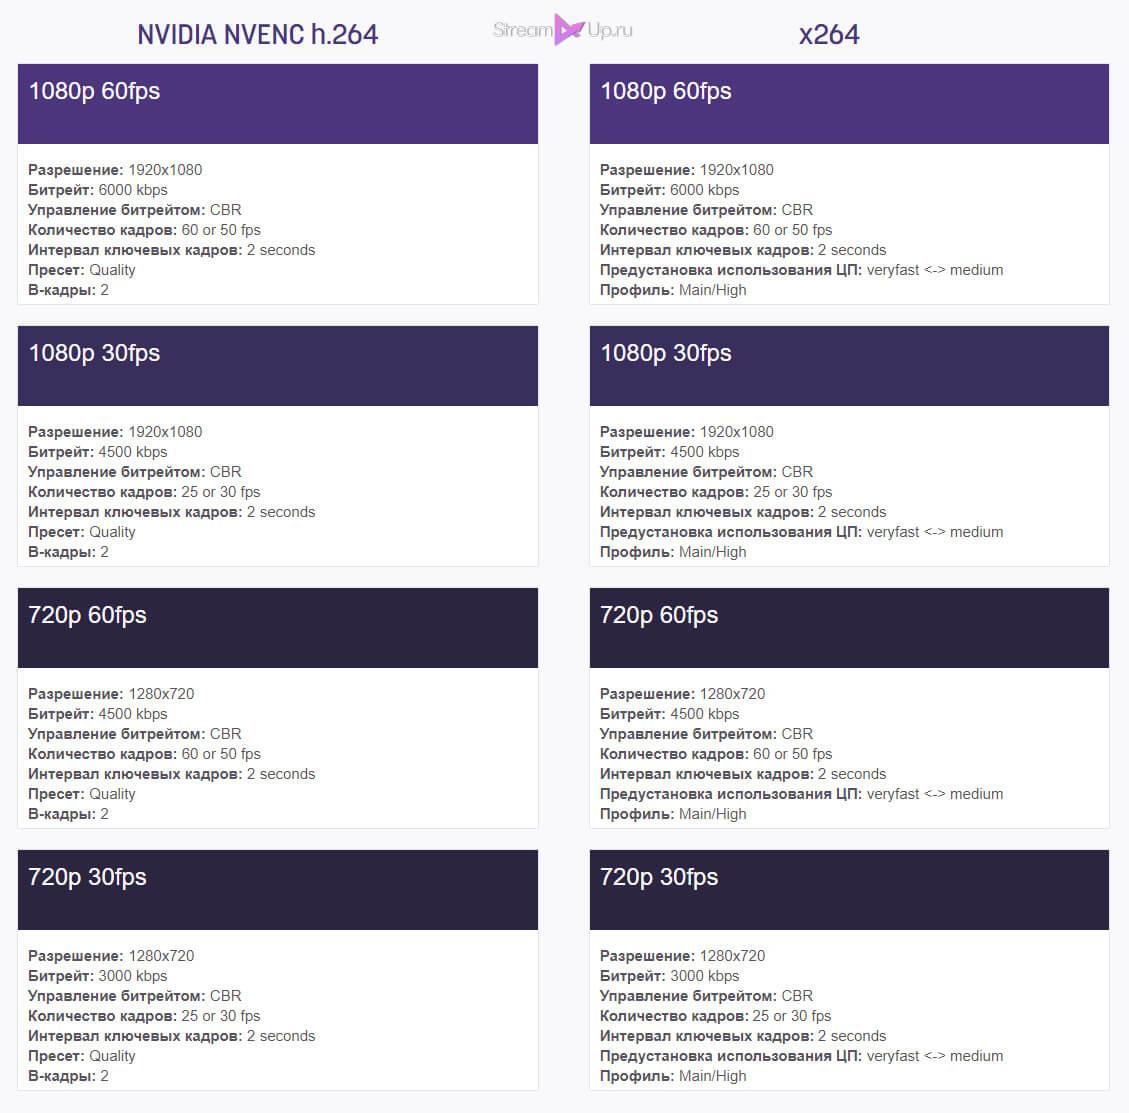 Примеры настроек кодировщика ОБС для разных разрешений